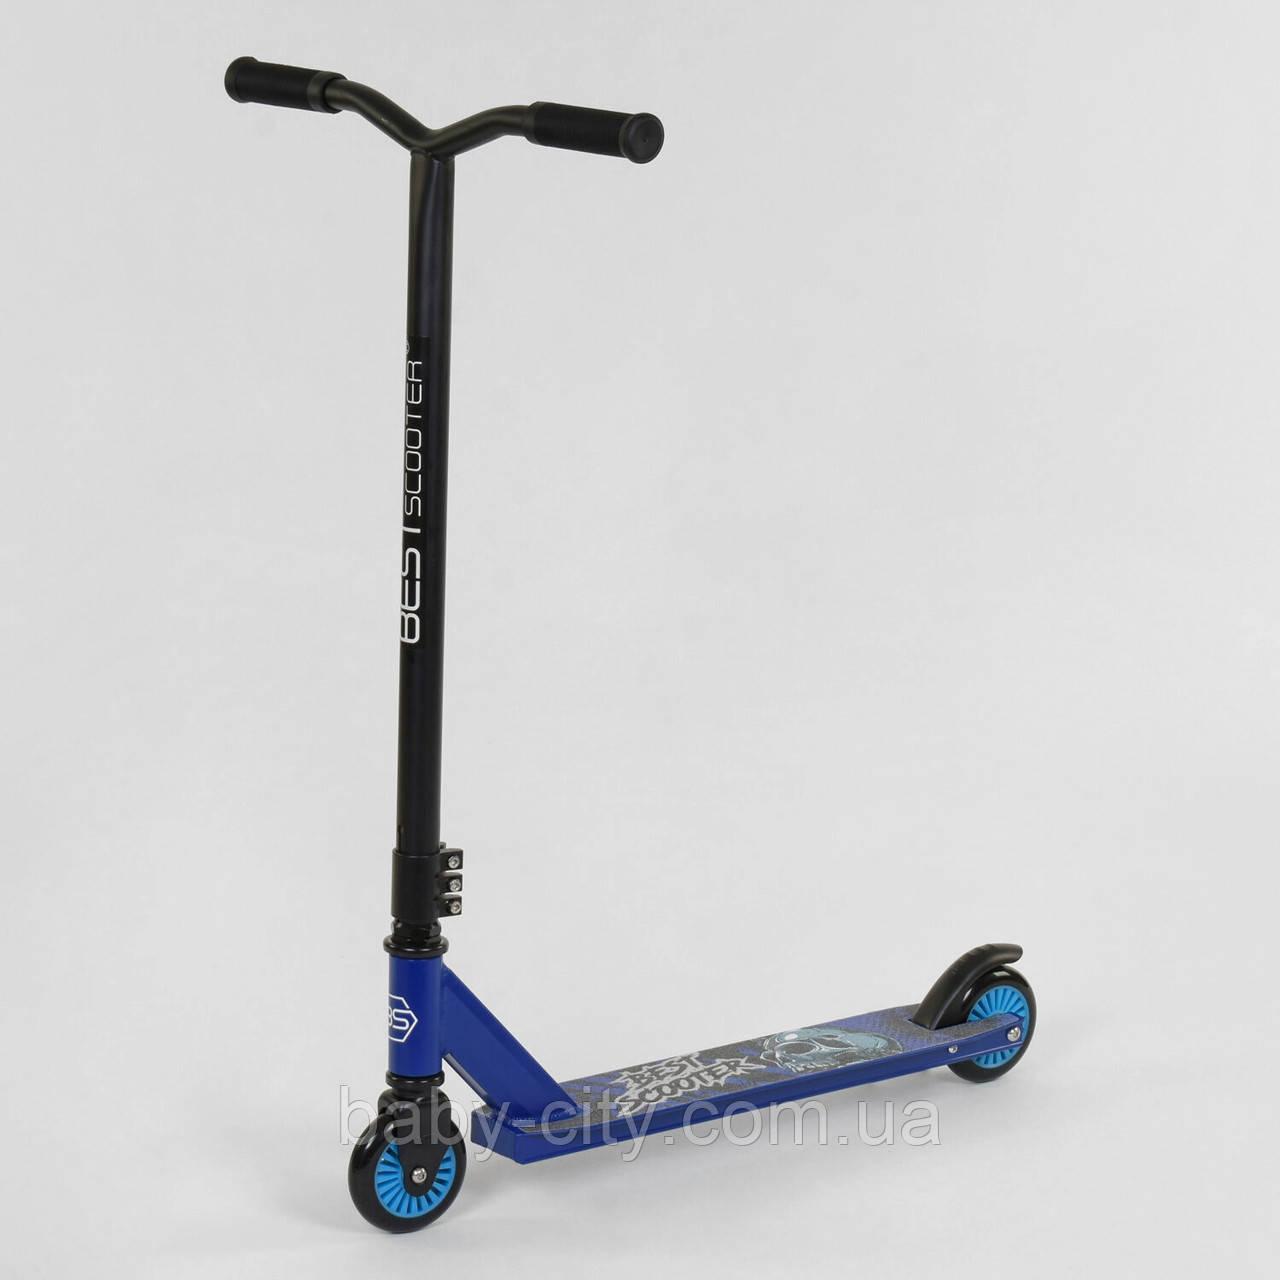 Самокат трюковый Best Scooter 93031 Синий